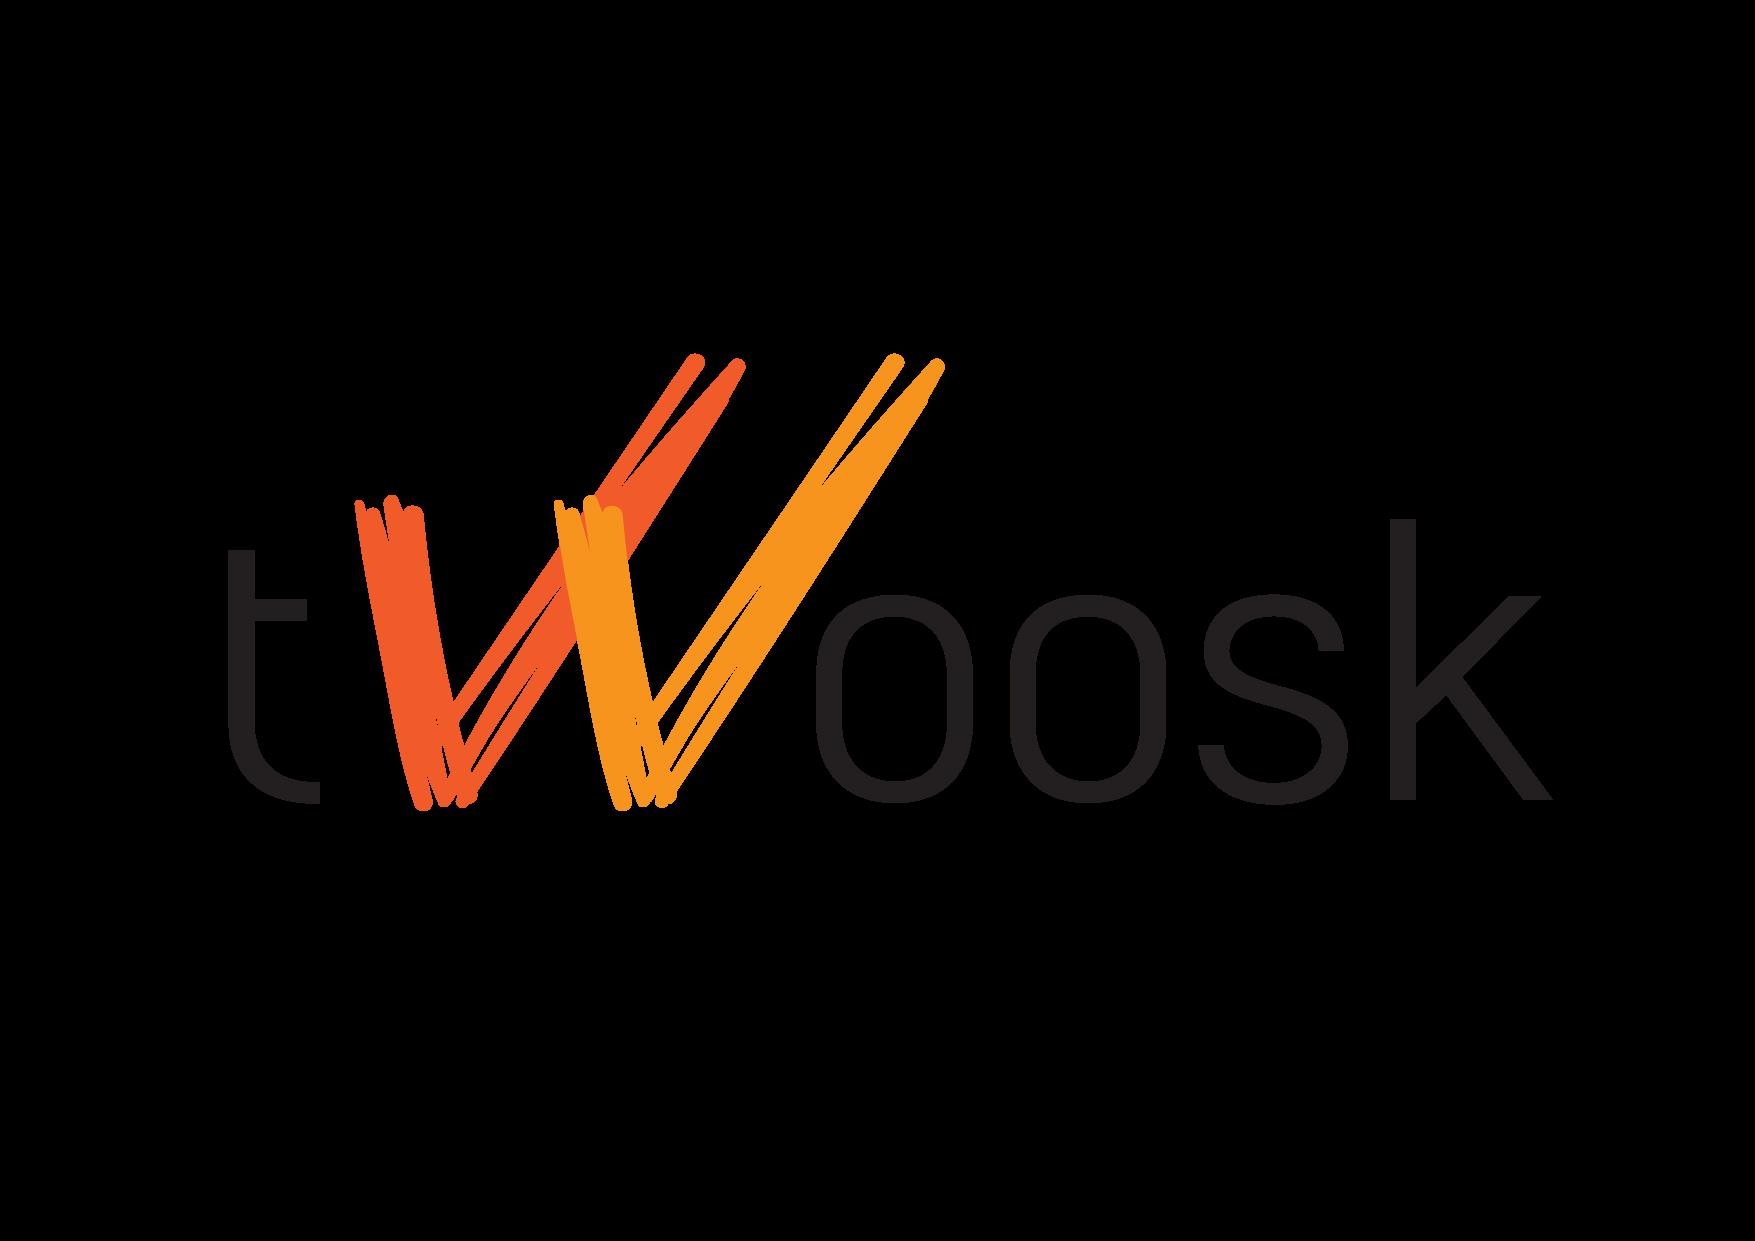 Twoosk Logo